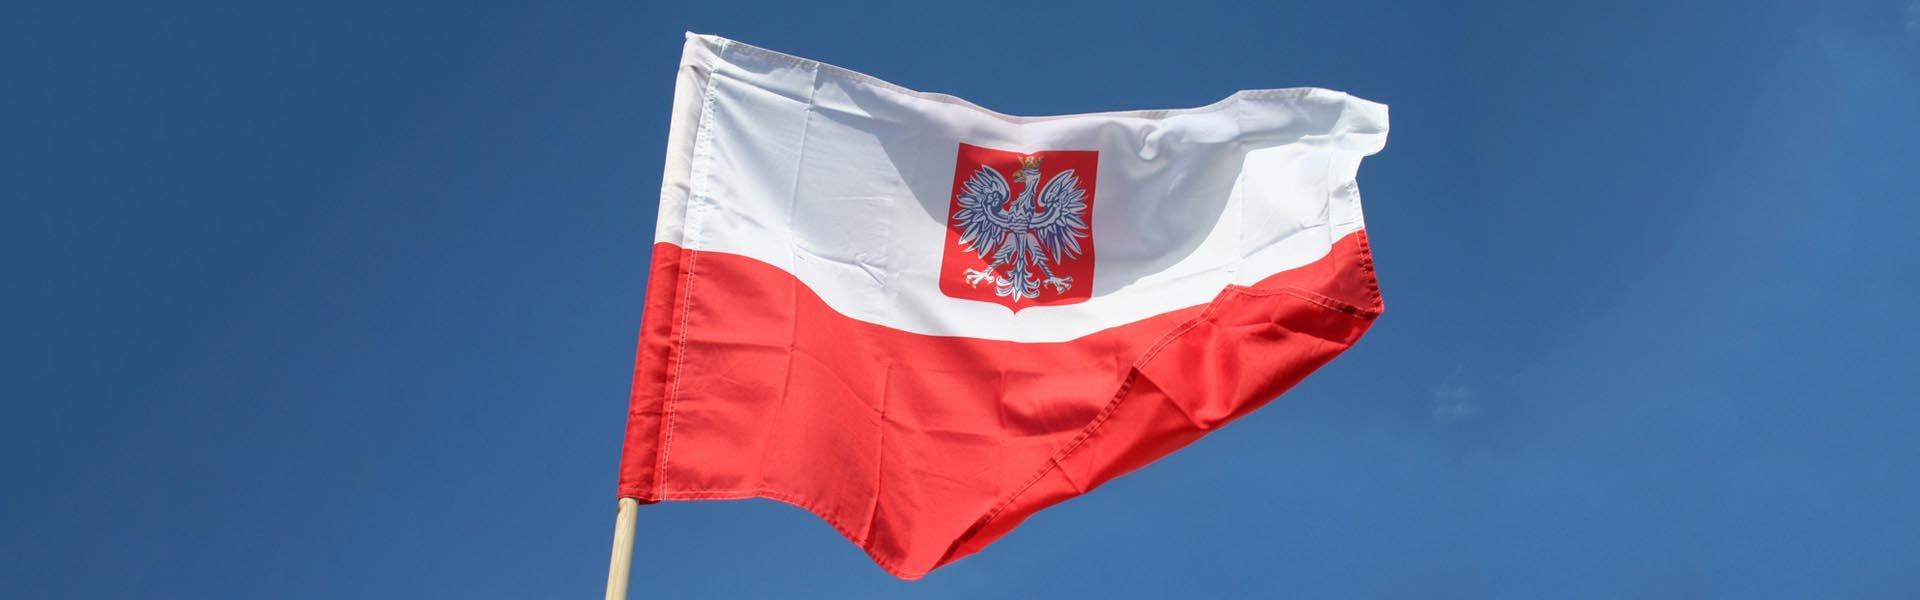 Darmowe polskie lajki na Instagramie – Gdzie kupić, za ile i kiedy?